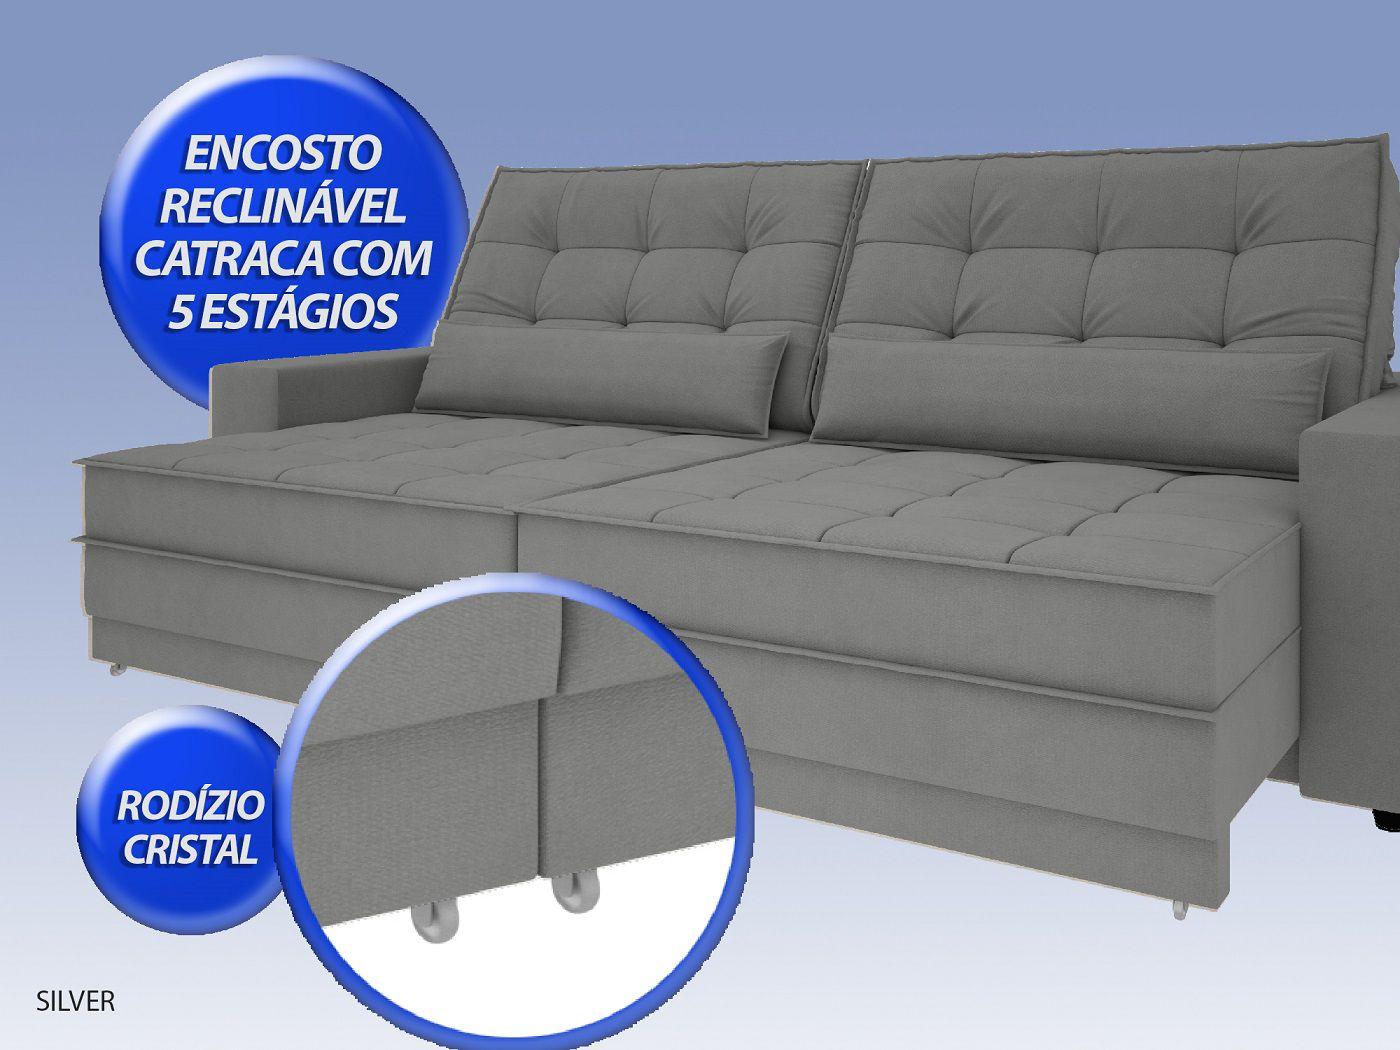 Sofá Silver 2,40m Retrátil e Reclinável Velosuede Grafite - NETSOFAS  - NETSOFÁS